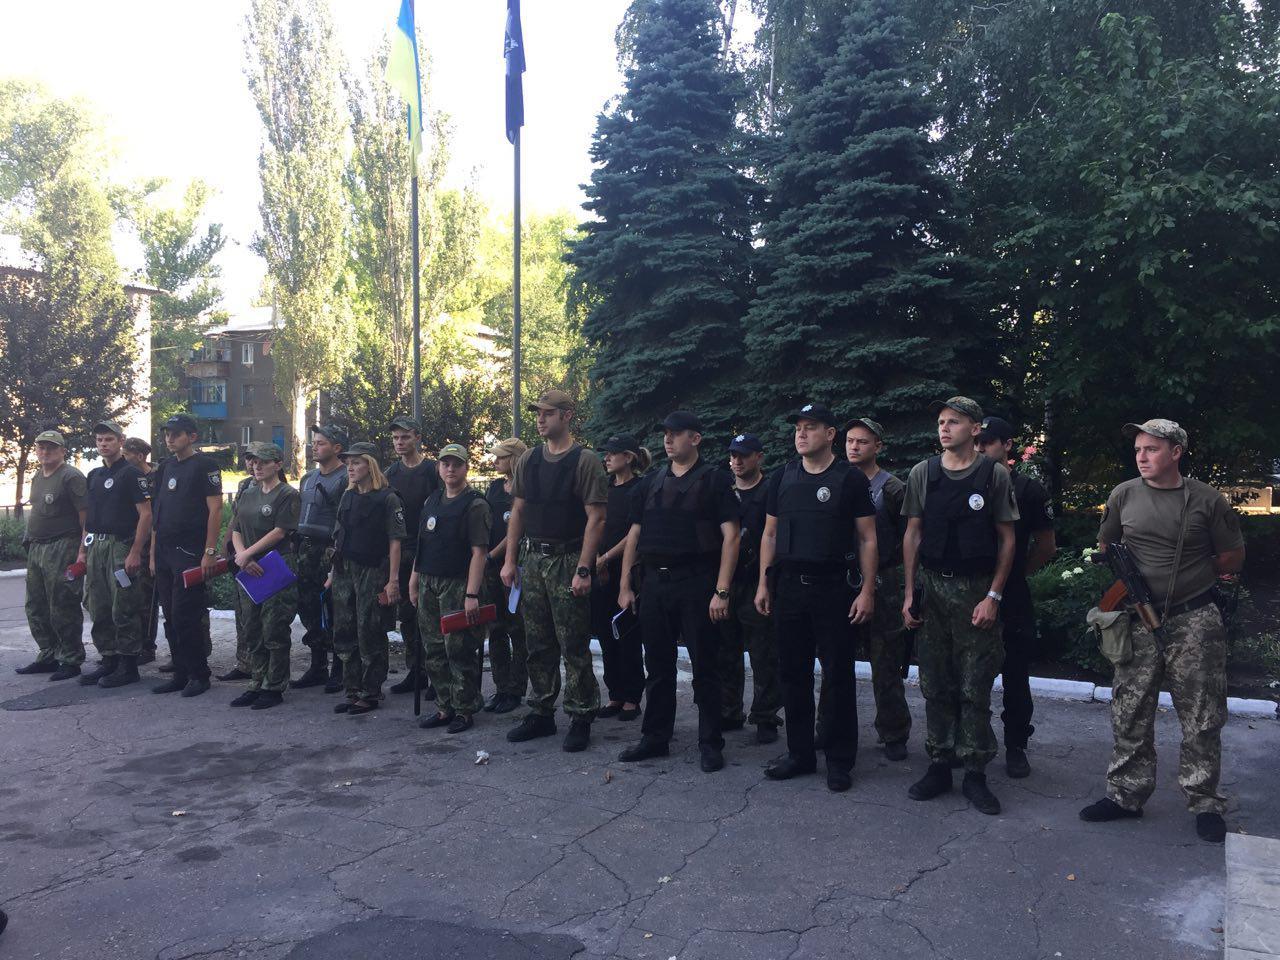 Правоохоронці Покровської оперативної зони готові до забезпечення правопорядку на День міста та День шахтаря, фото-8